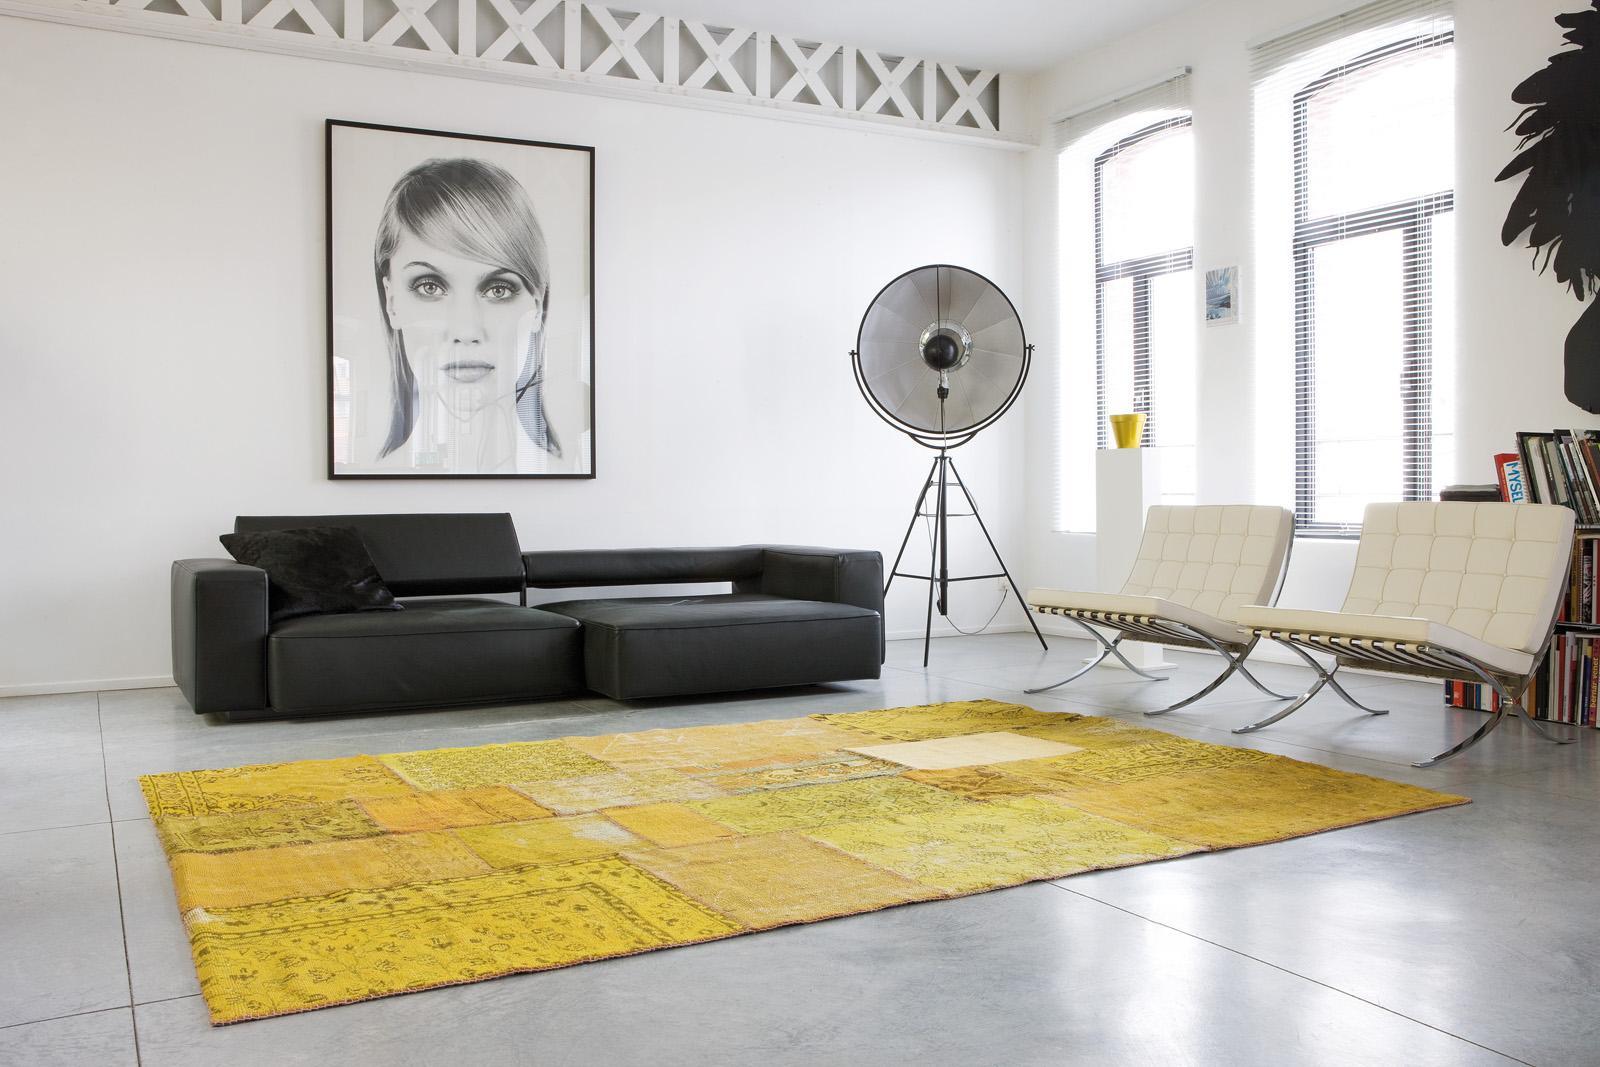 Schwarz Weiß Portrait Als Blickfang #30erjahre #teppich #ledersofa  #stehlampe #minimalismus